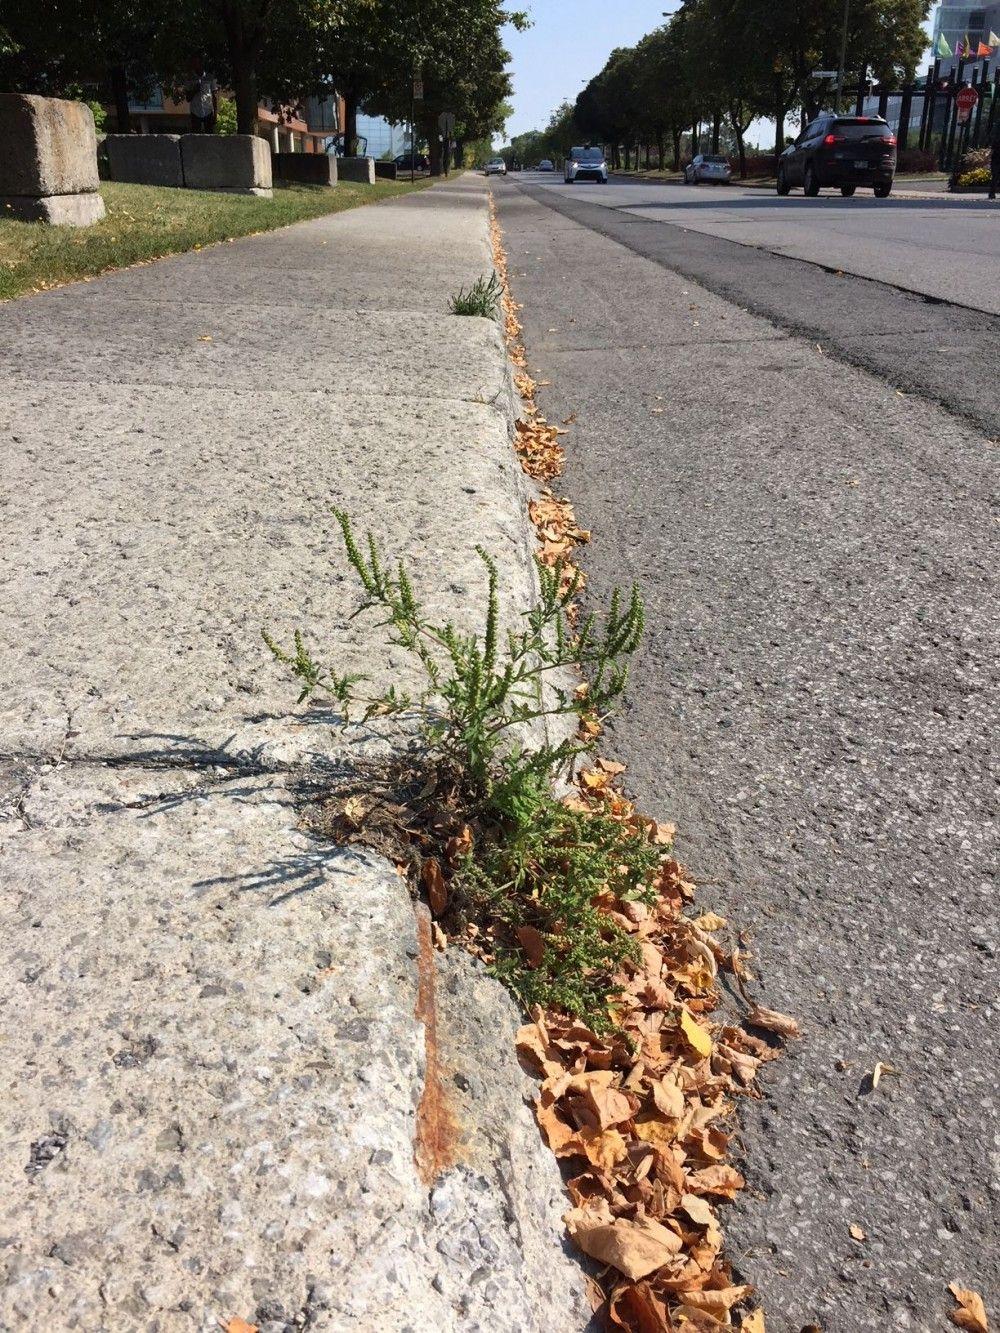 Quand on ramasse la neige, on recueille aussi les graines des plants qu'on a laissé pousser entre l'asphalte et le trottoir.